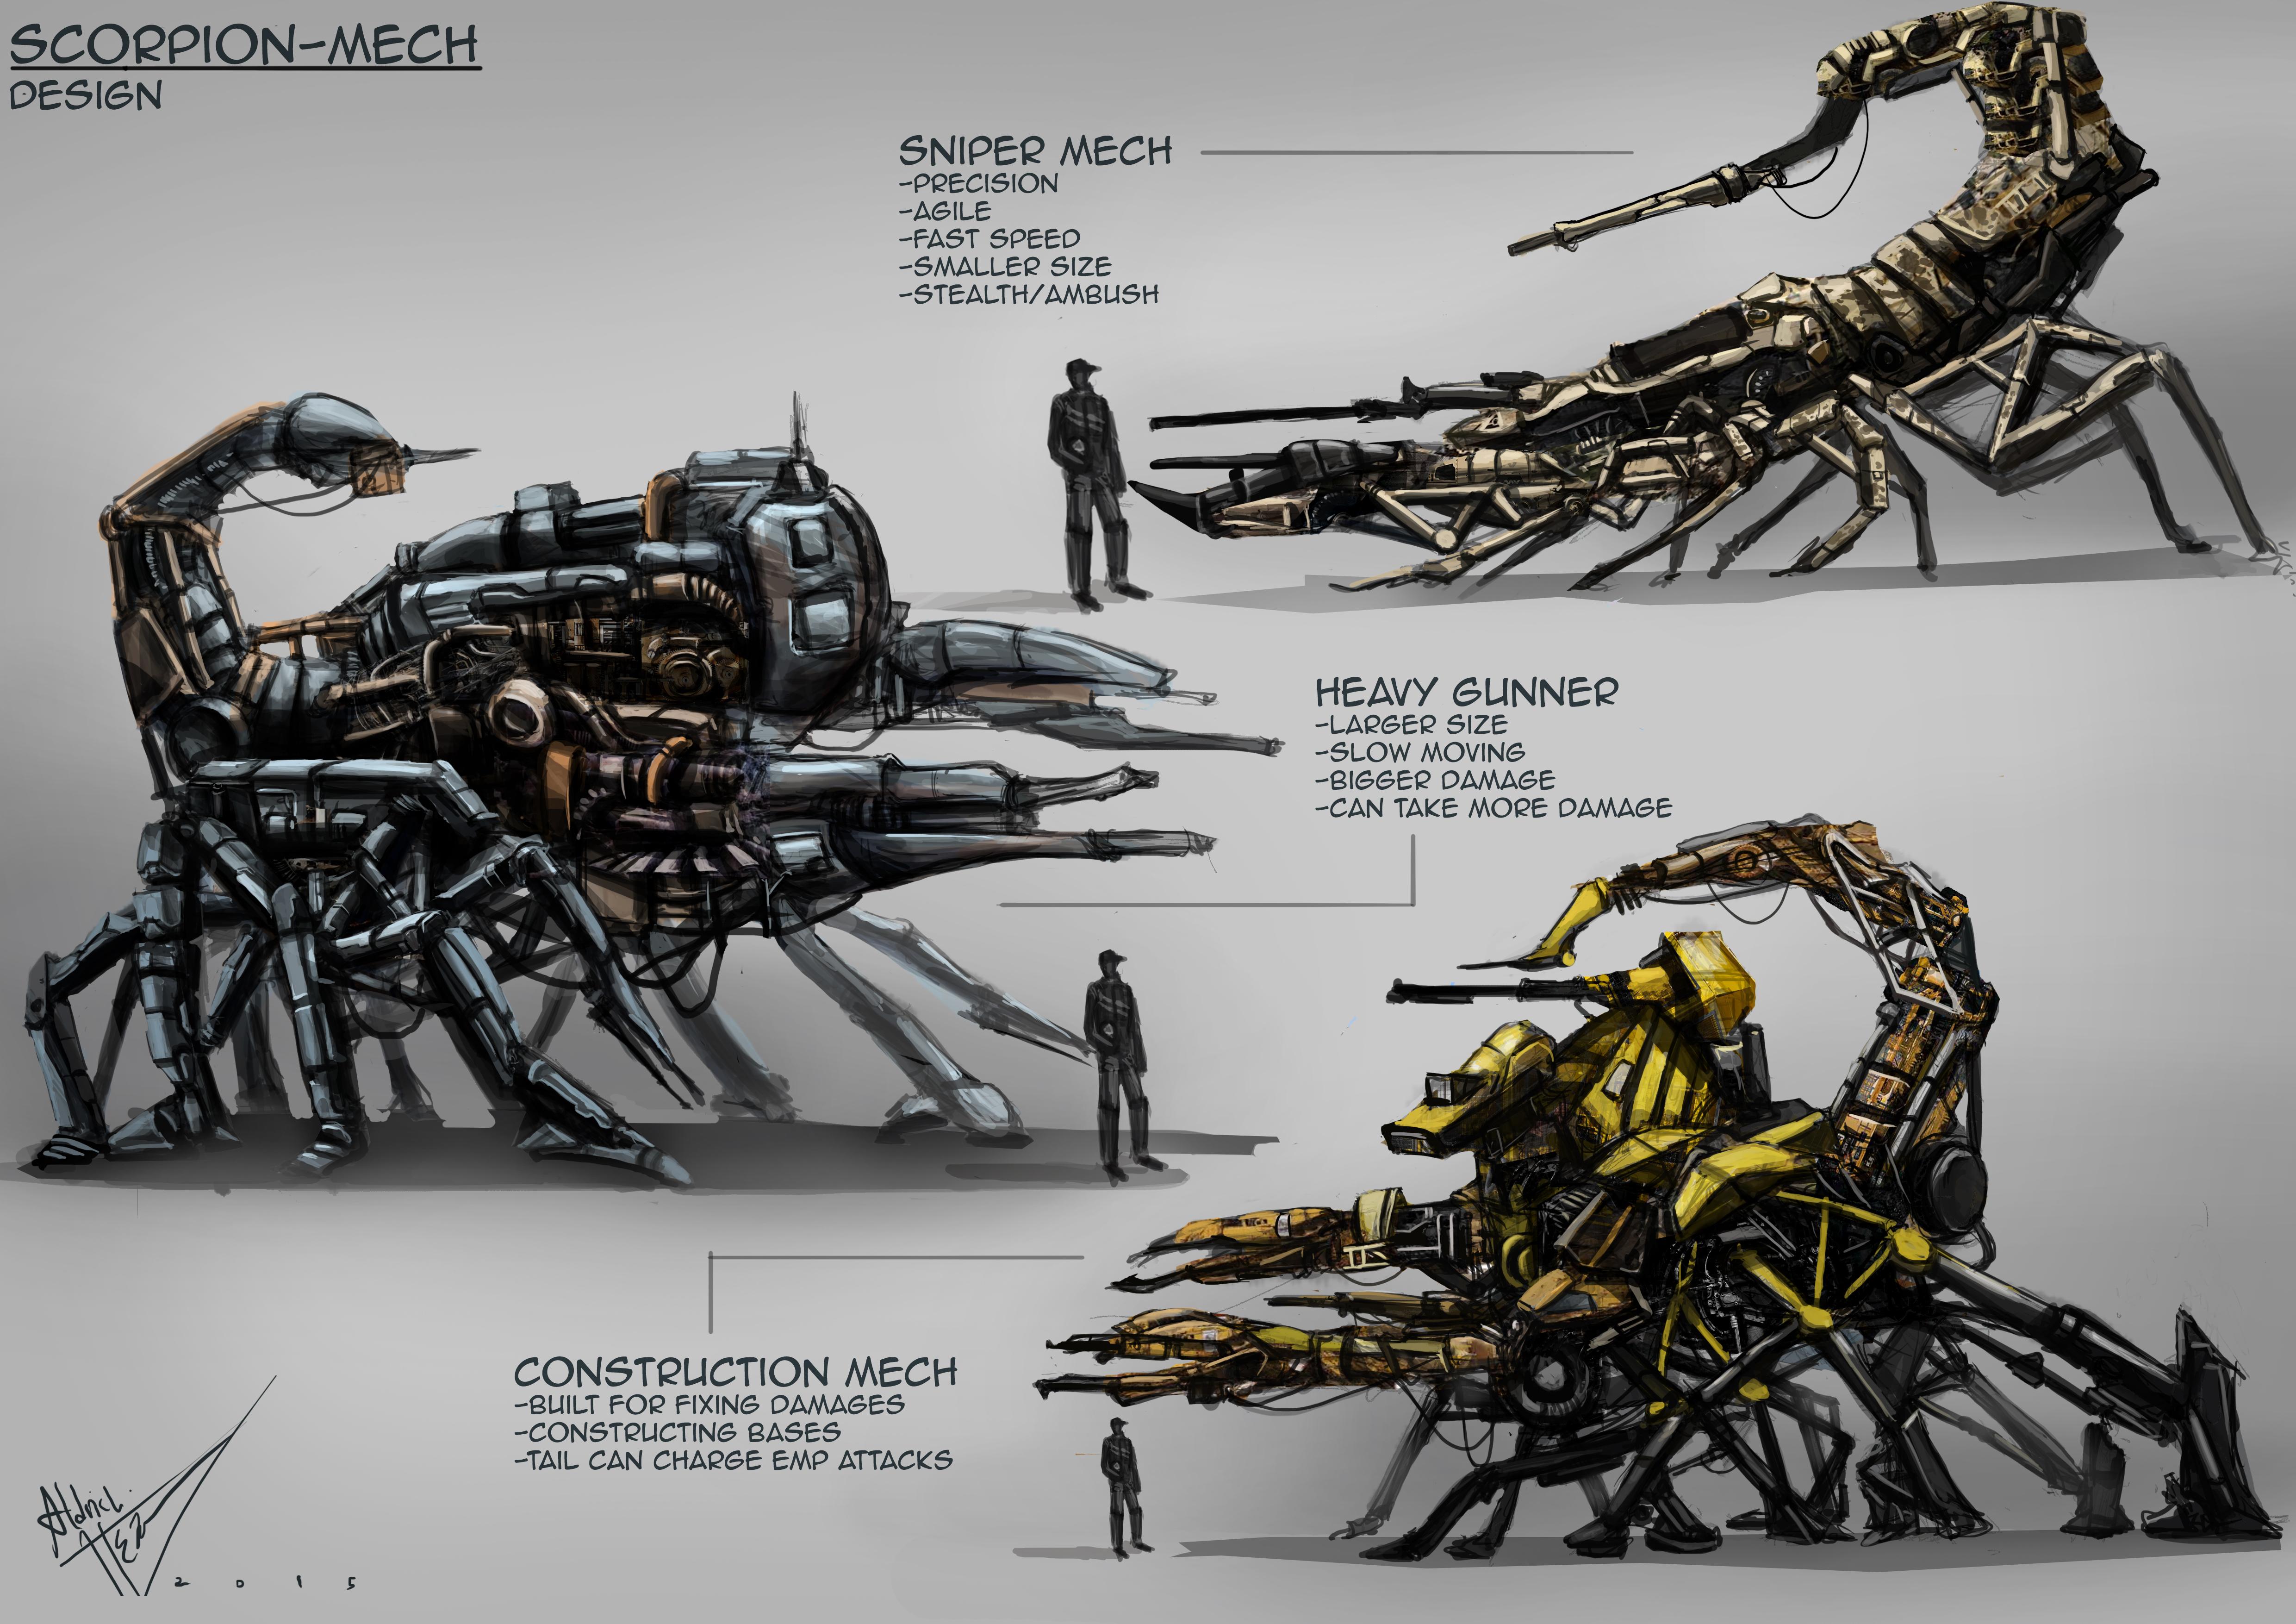 scorpion mech designs